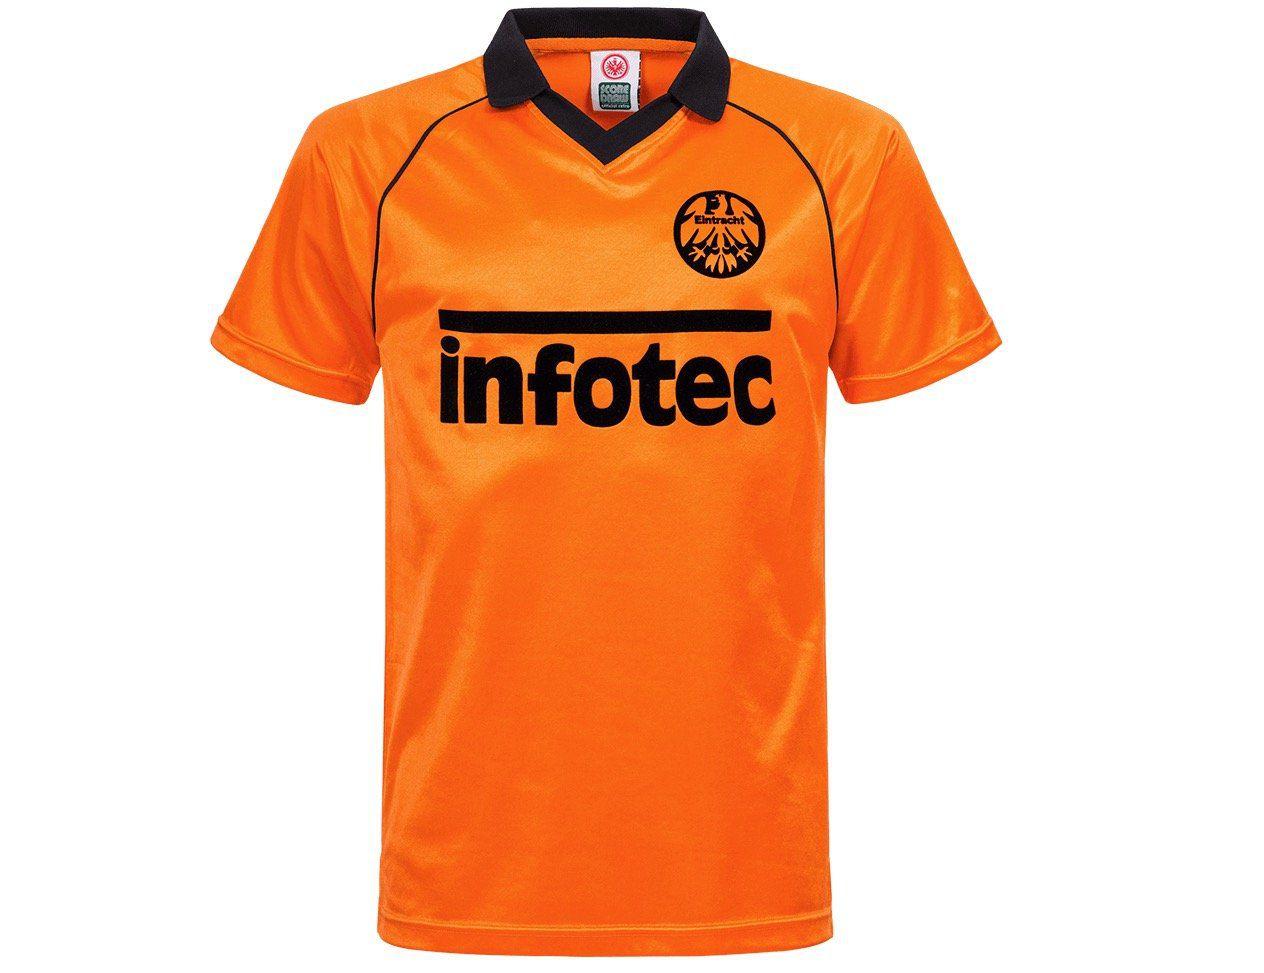 Eintracht Frankfurt Retrotrikot 81 Orange für 29,90€ (statt 50€)